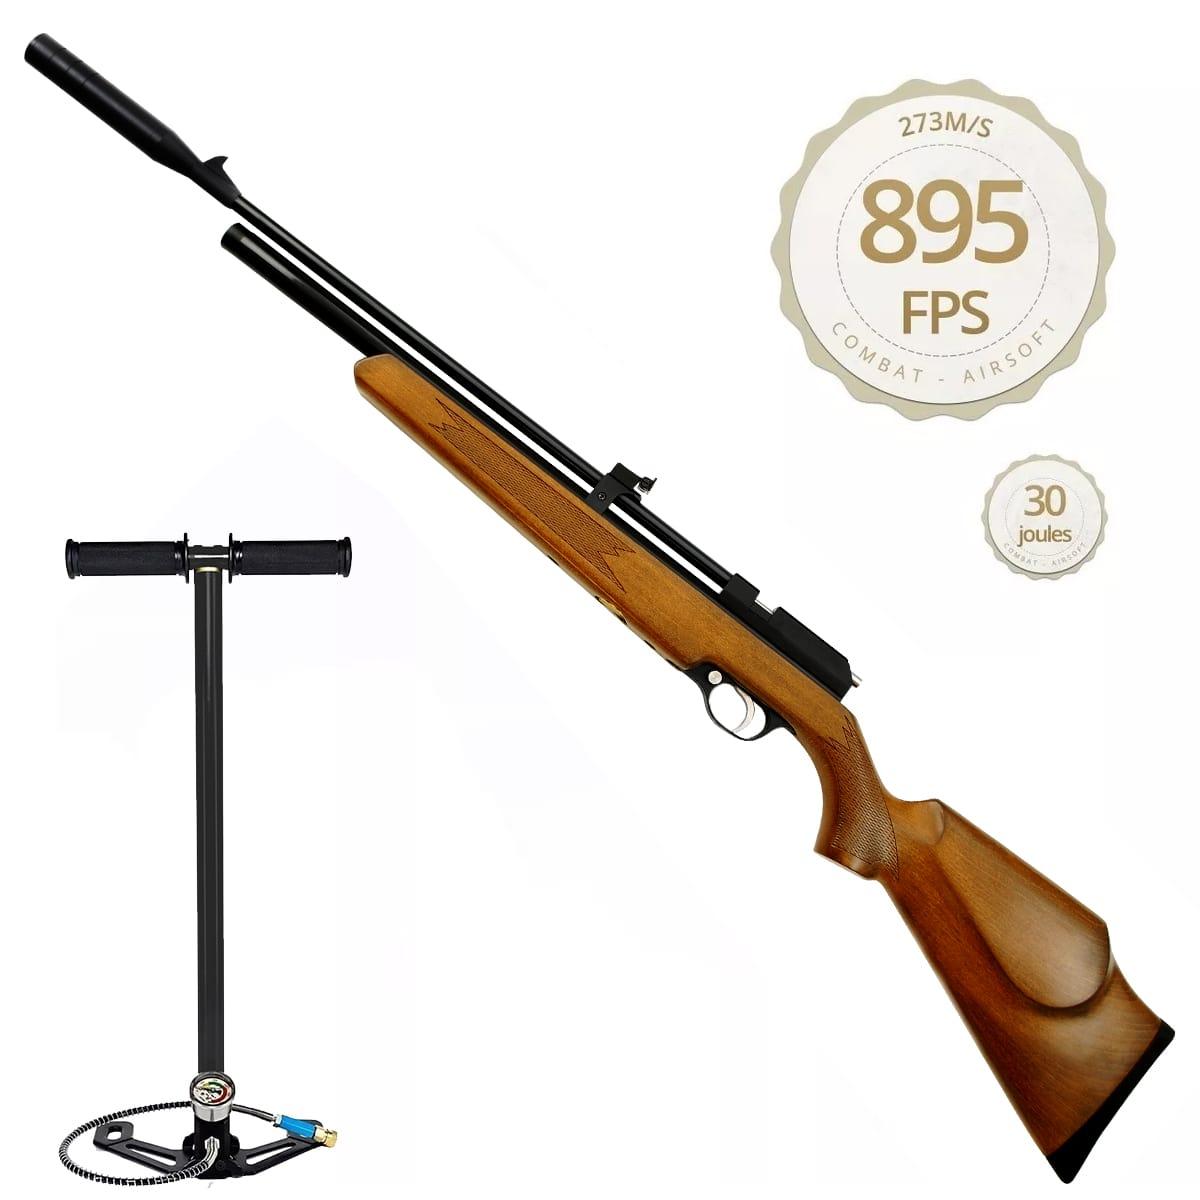 Carabina De Pressão Espingarda Pcp Artemis Pr900w 4.5mm + Bomba Manual Pneumática Fixxar